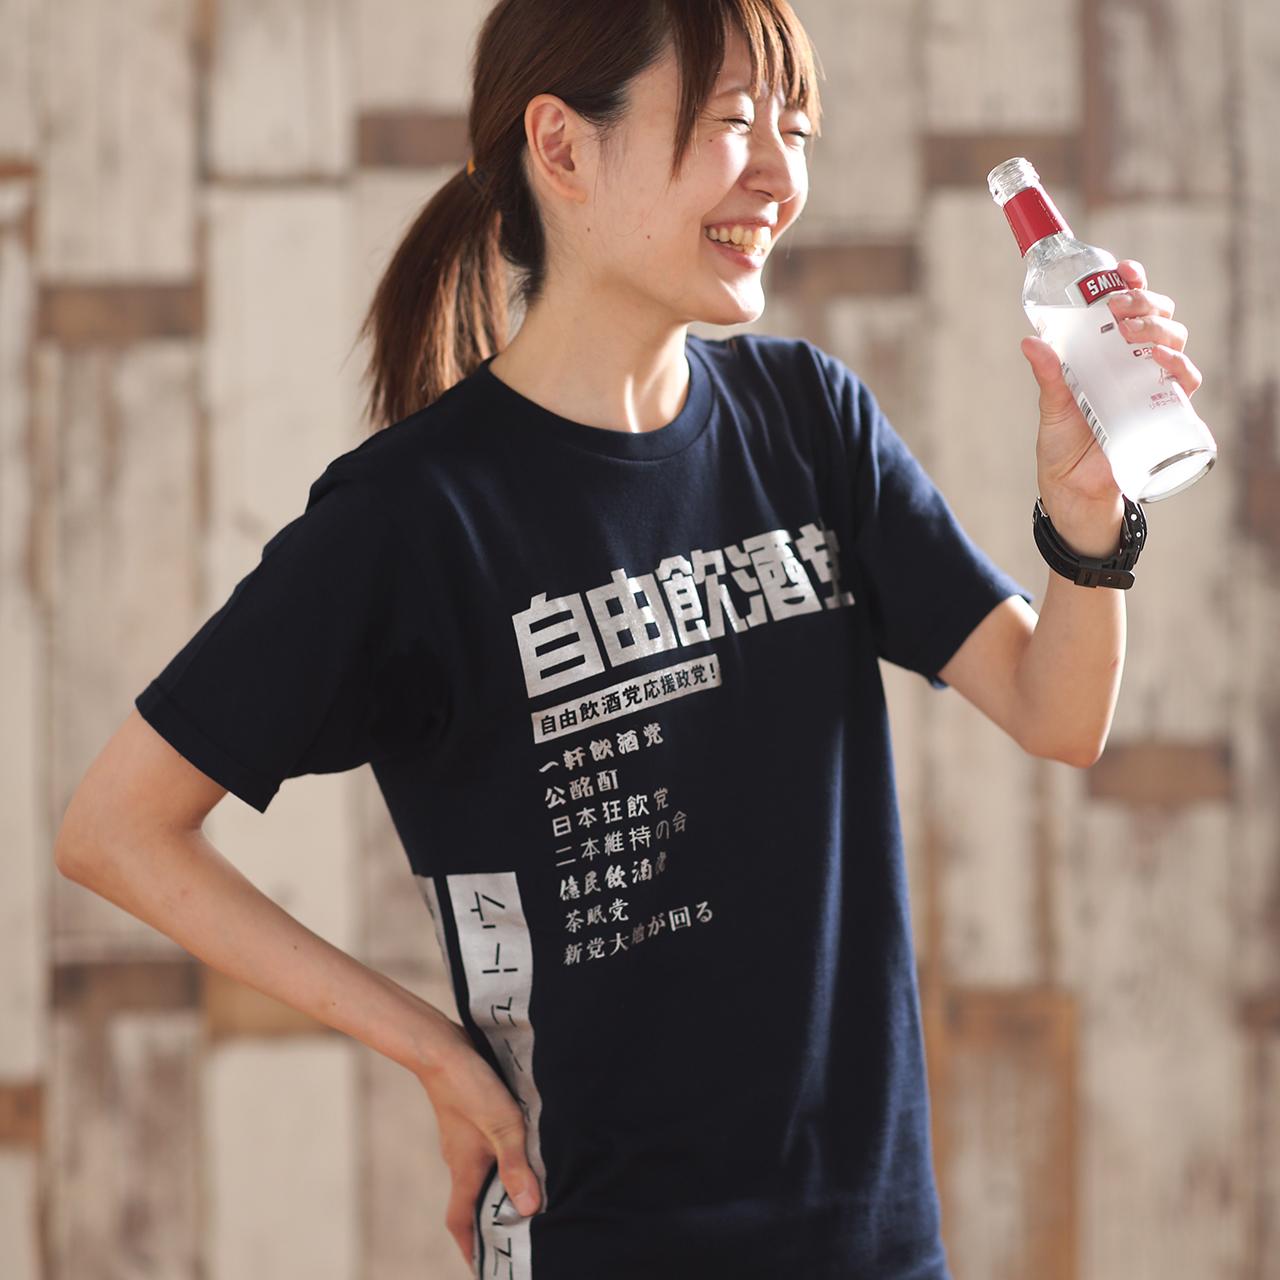 自由飲酒党公式チャリティーTシャツ 受付開始